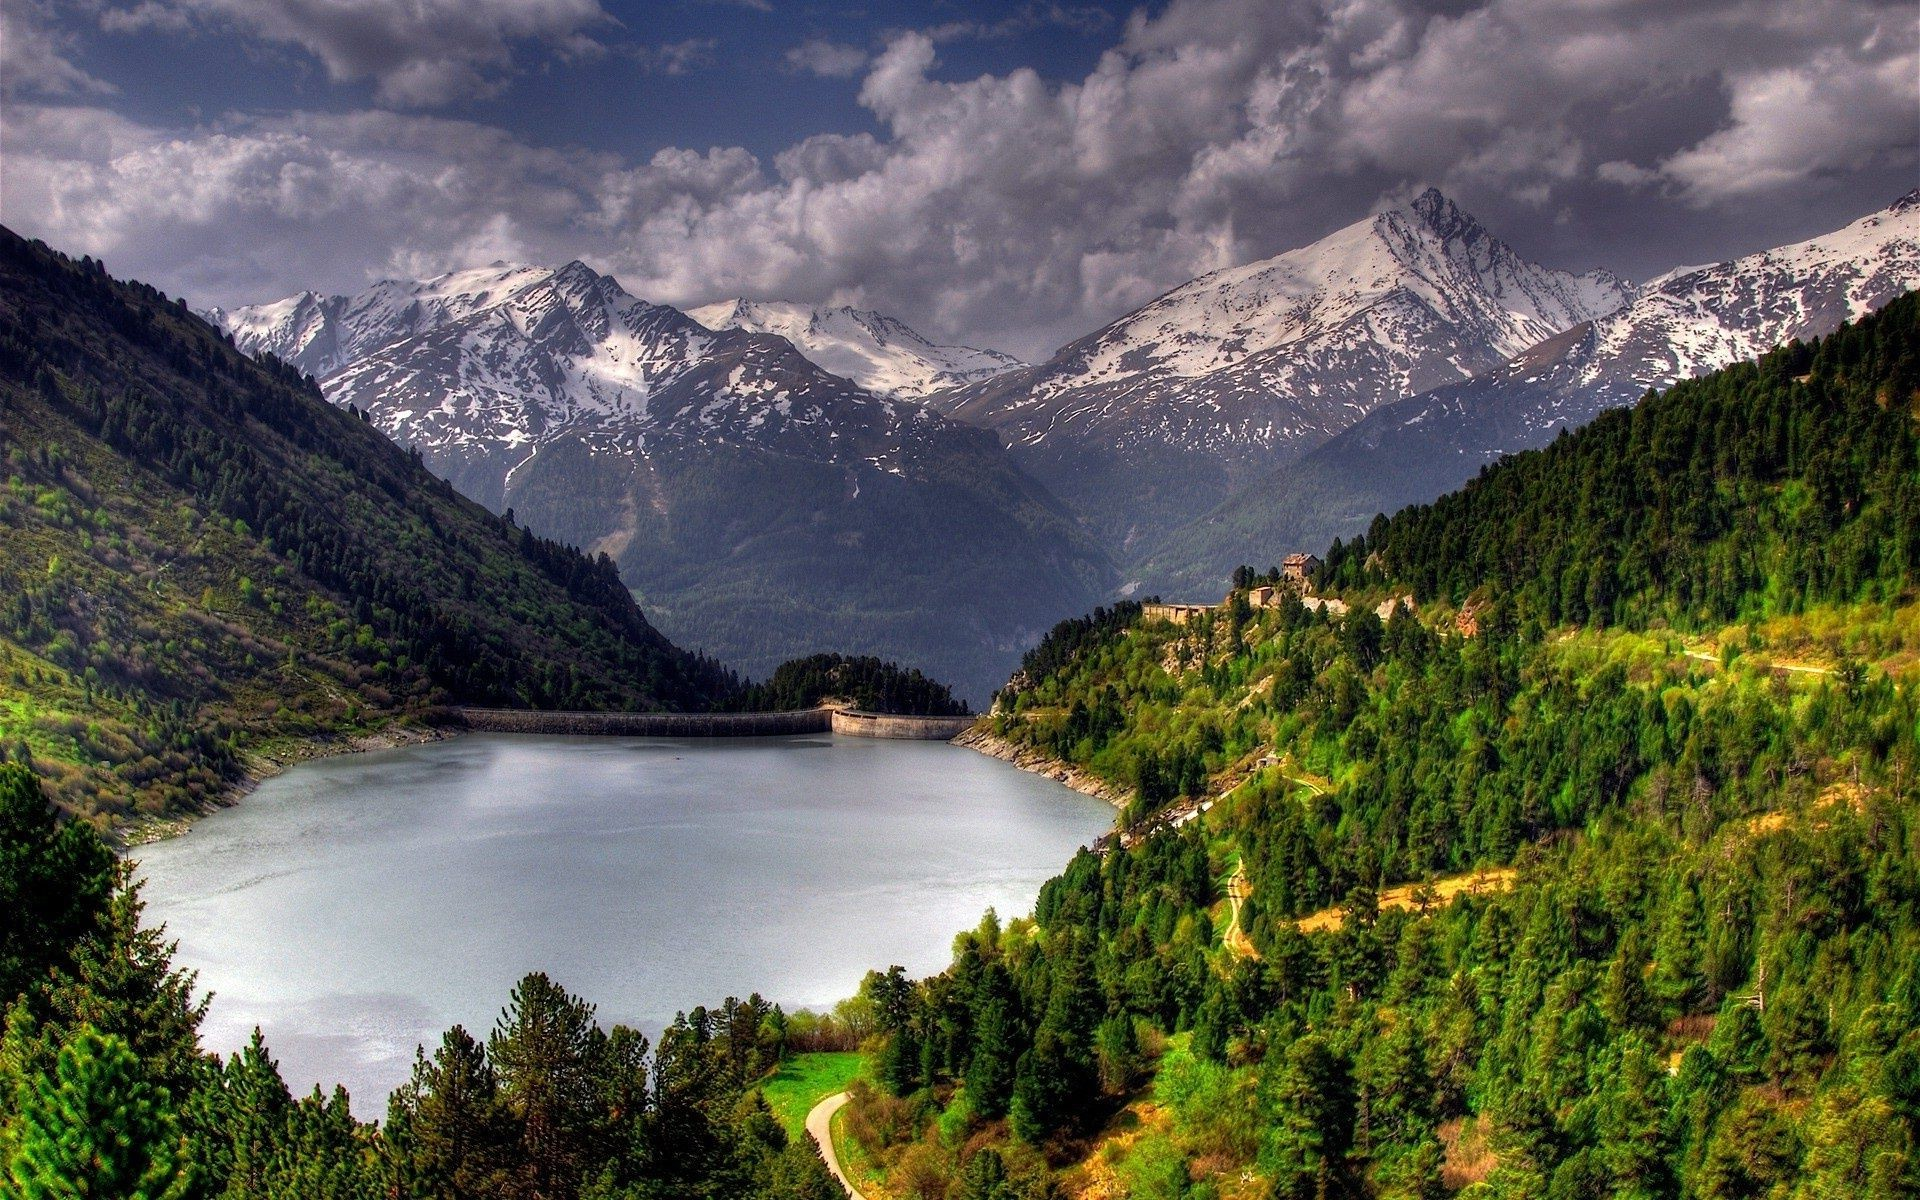 Озеро, гора, зеленый лес  № 621624 бесплатно